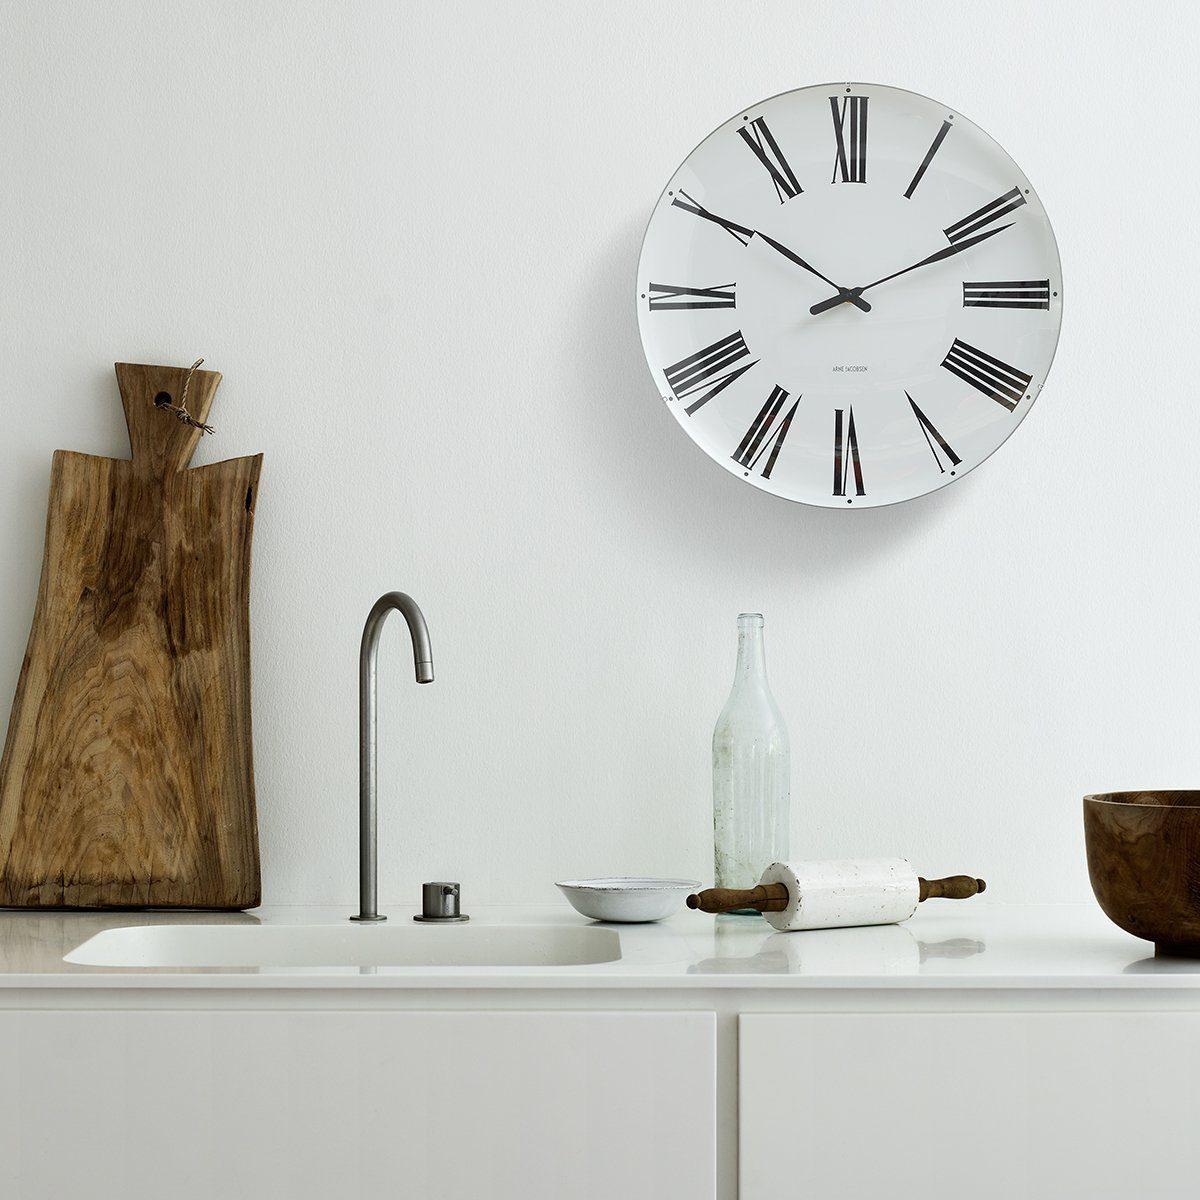 Rosendahl Arne Jacobsen Wanduhr Roman Clock 480